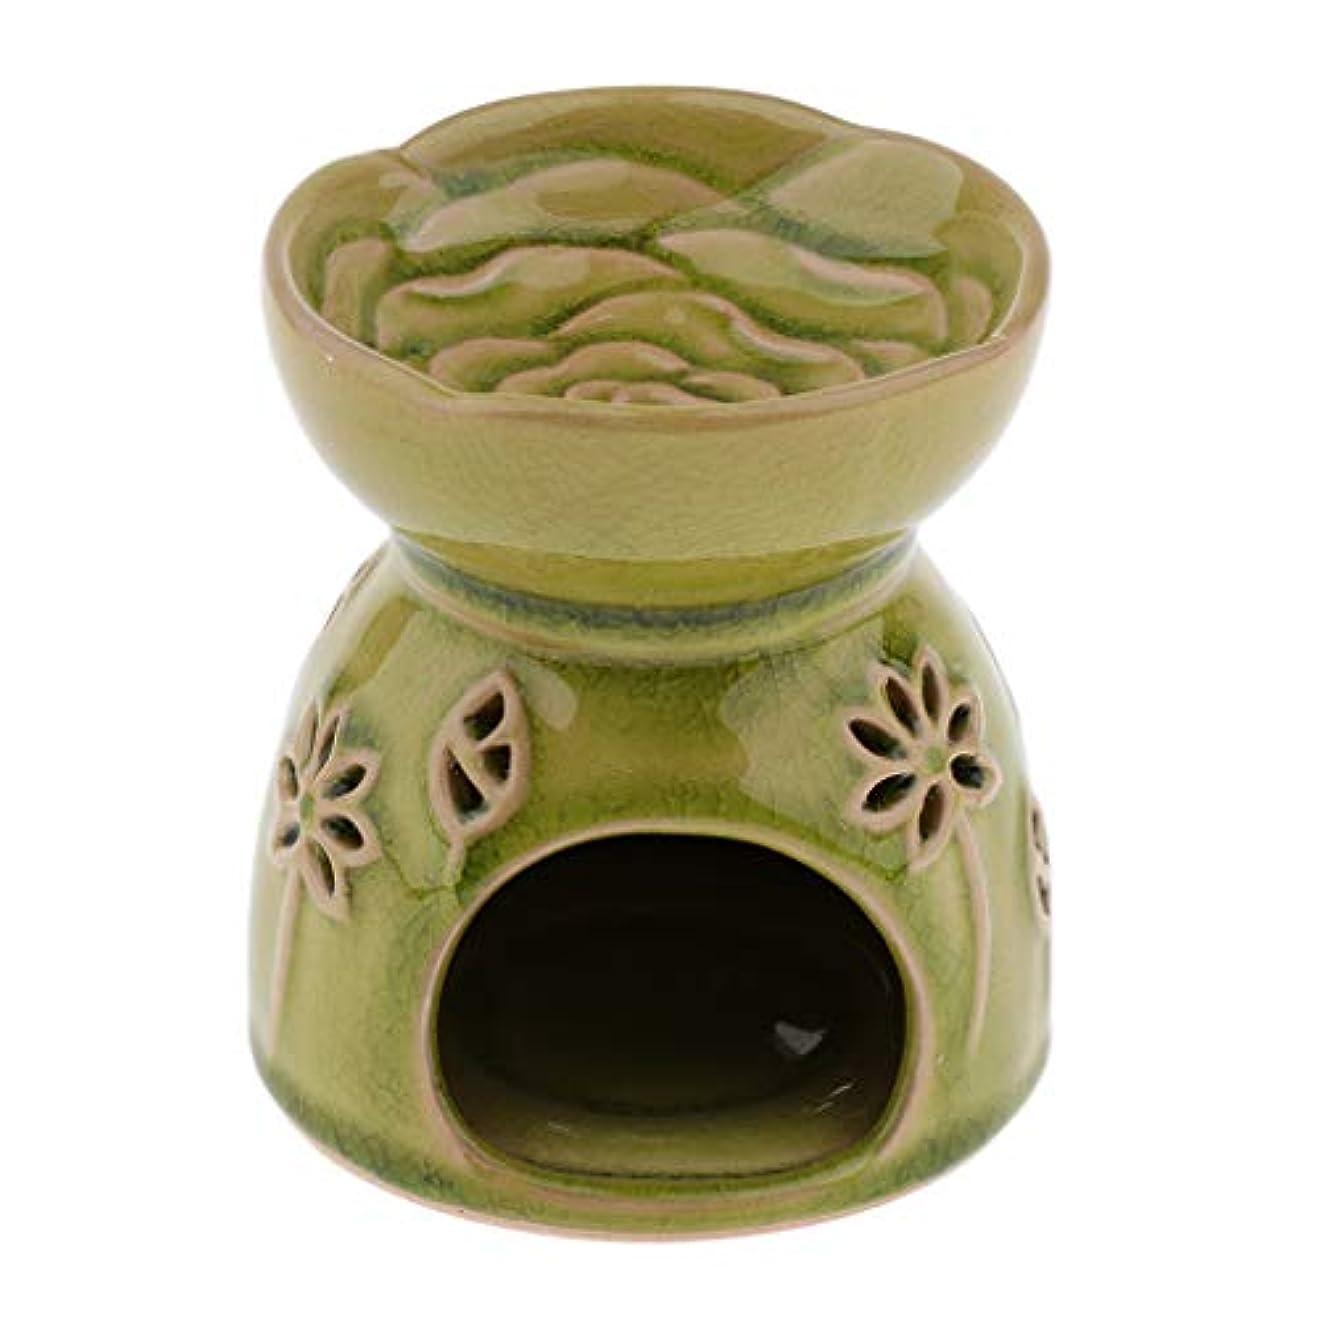 事前家事重要D DOLITY アロマディフューザー エッセンシャルオイルディフューザー セラミック 装飾 贈り物 全2色 - 緑